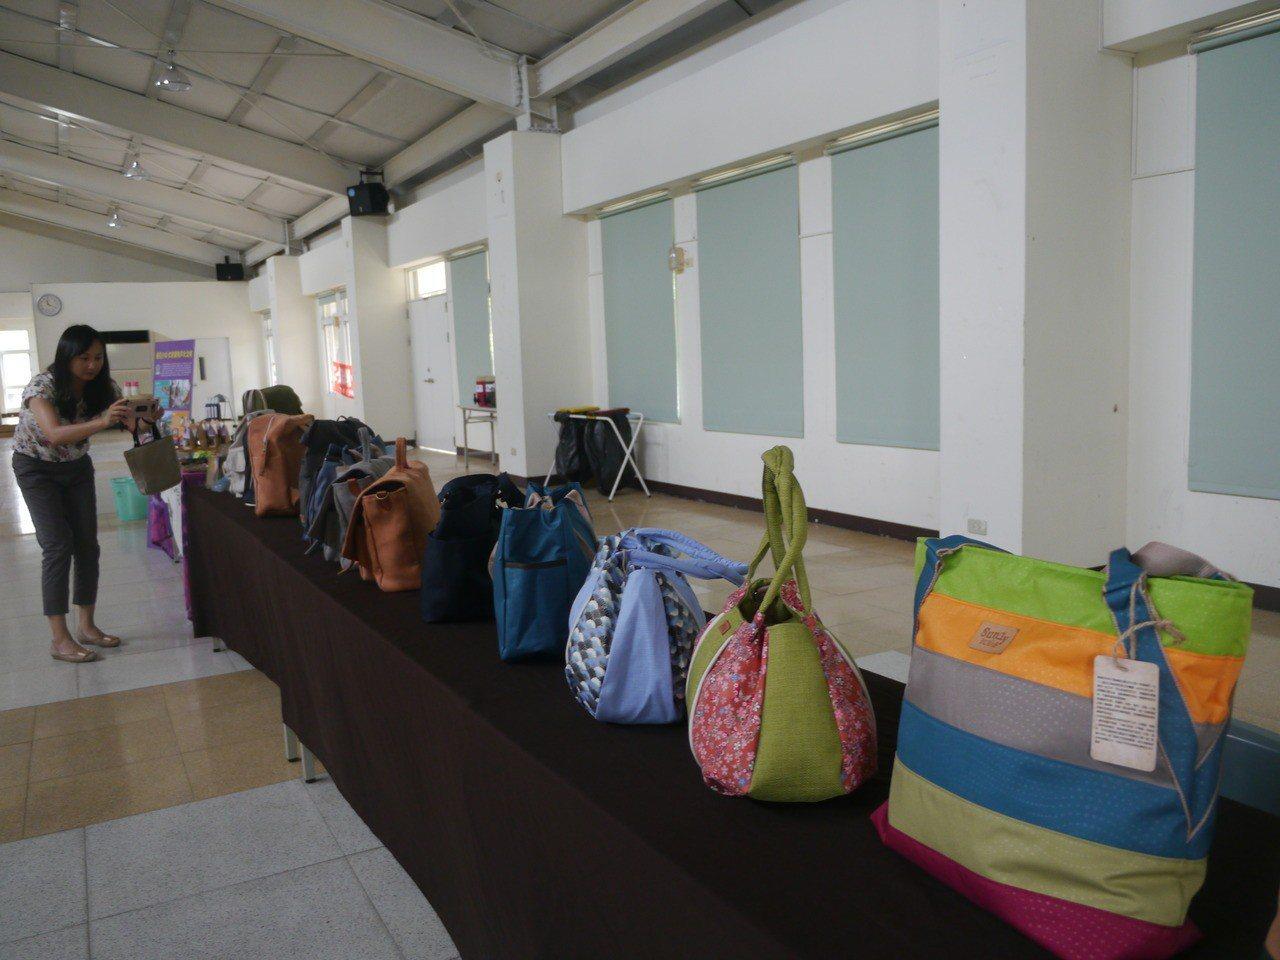 杉林大愛縫紉生產合作社生產的商品多元。記者徐白櫻/攝影